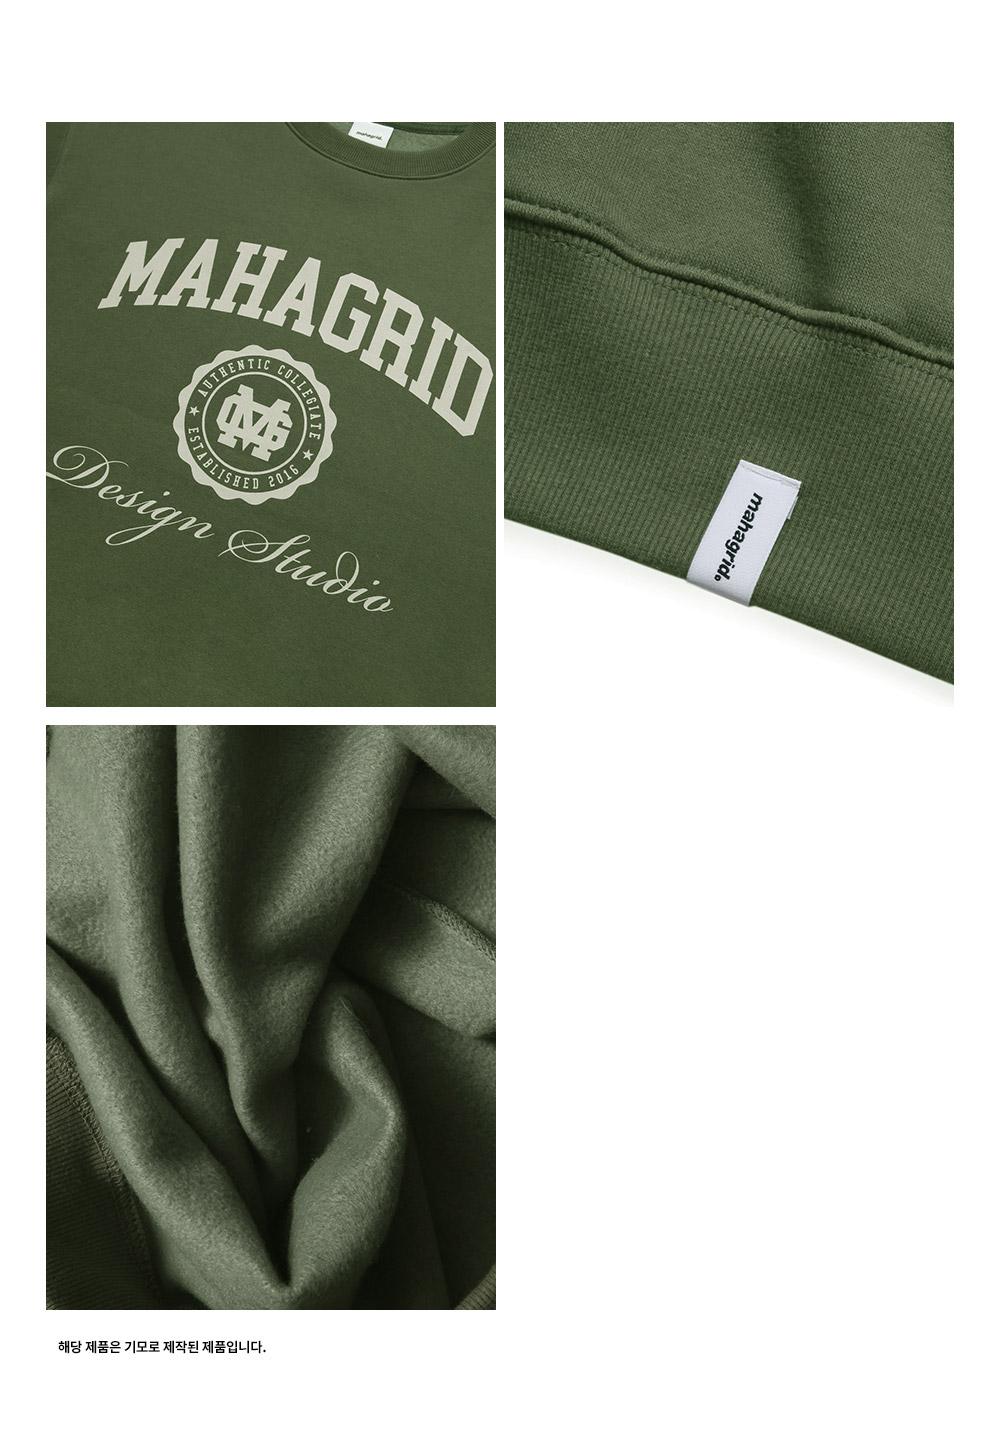 마하그리드(MAHAGRID) AUTHENTIC SWEATSHIRT OLIVE(MG2BFMM463A)